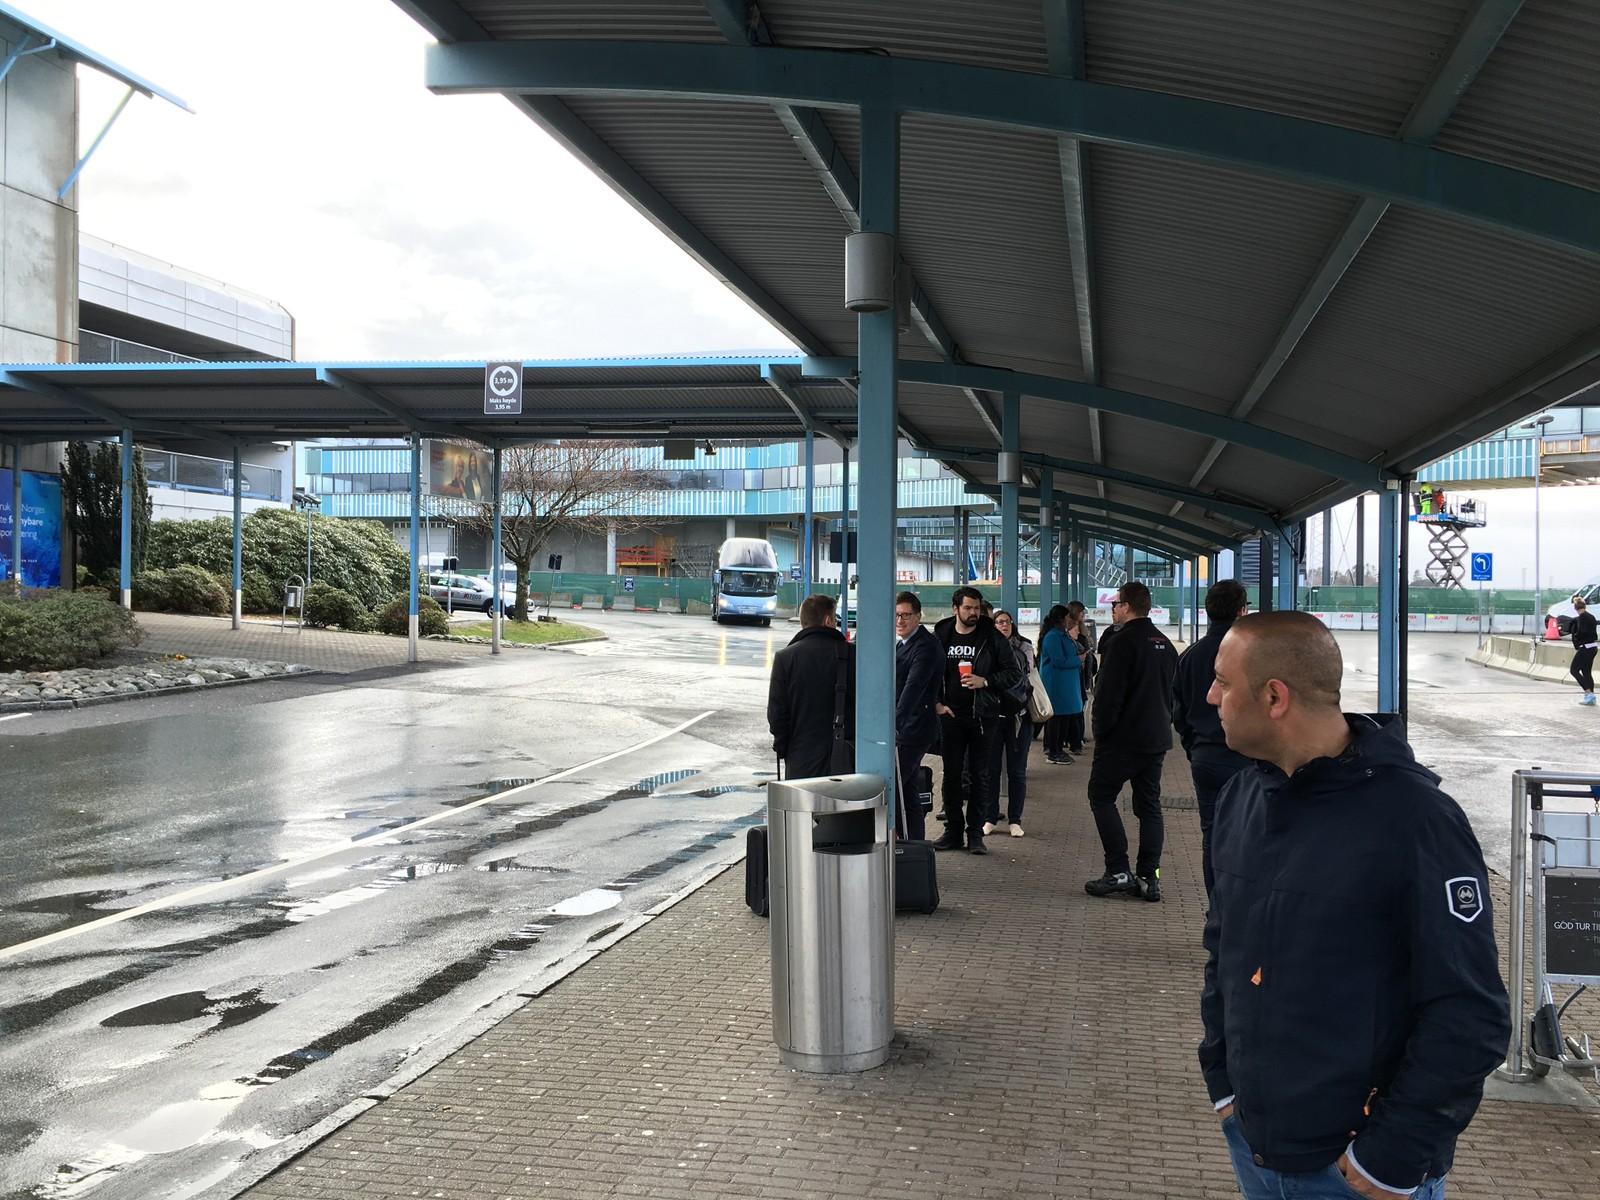 INGEN DROSJER: Passasjerene kommer ut til et tomt ankomstområde. Mange måtte ta flybussen for å komme seg fra Flyplassen. Avinor har satt inn ekstra flybusser i dag.